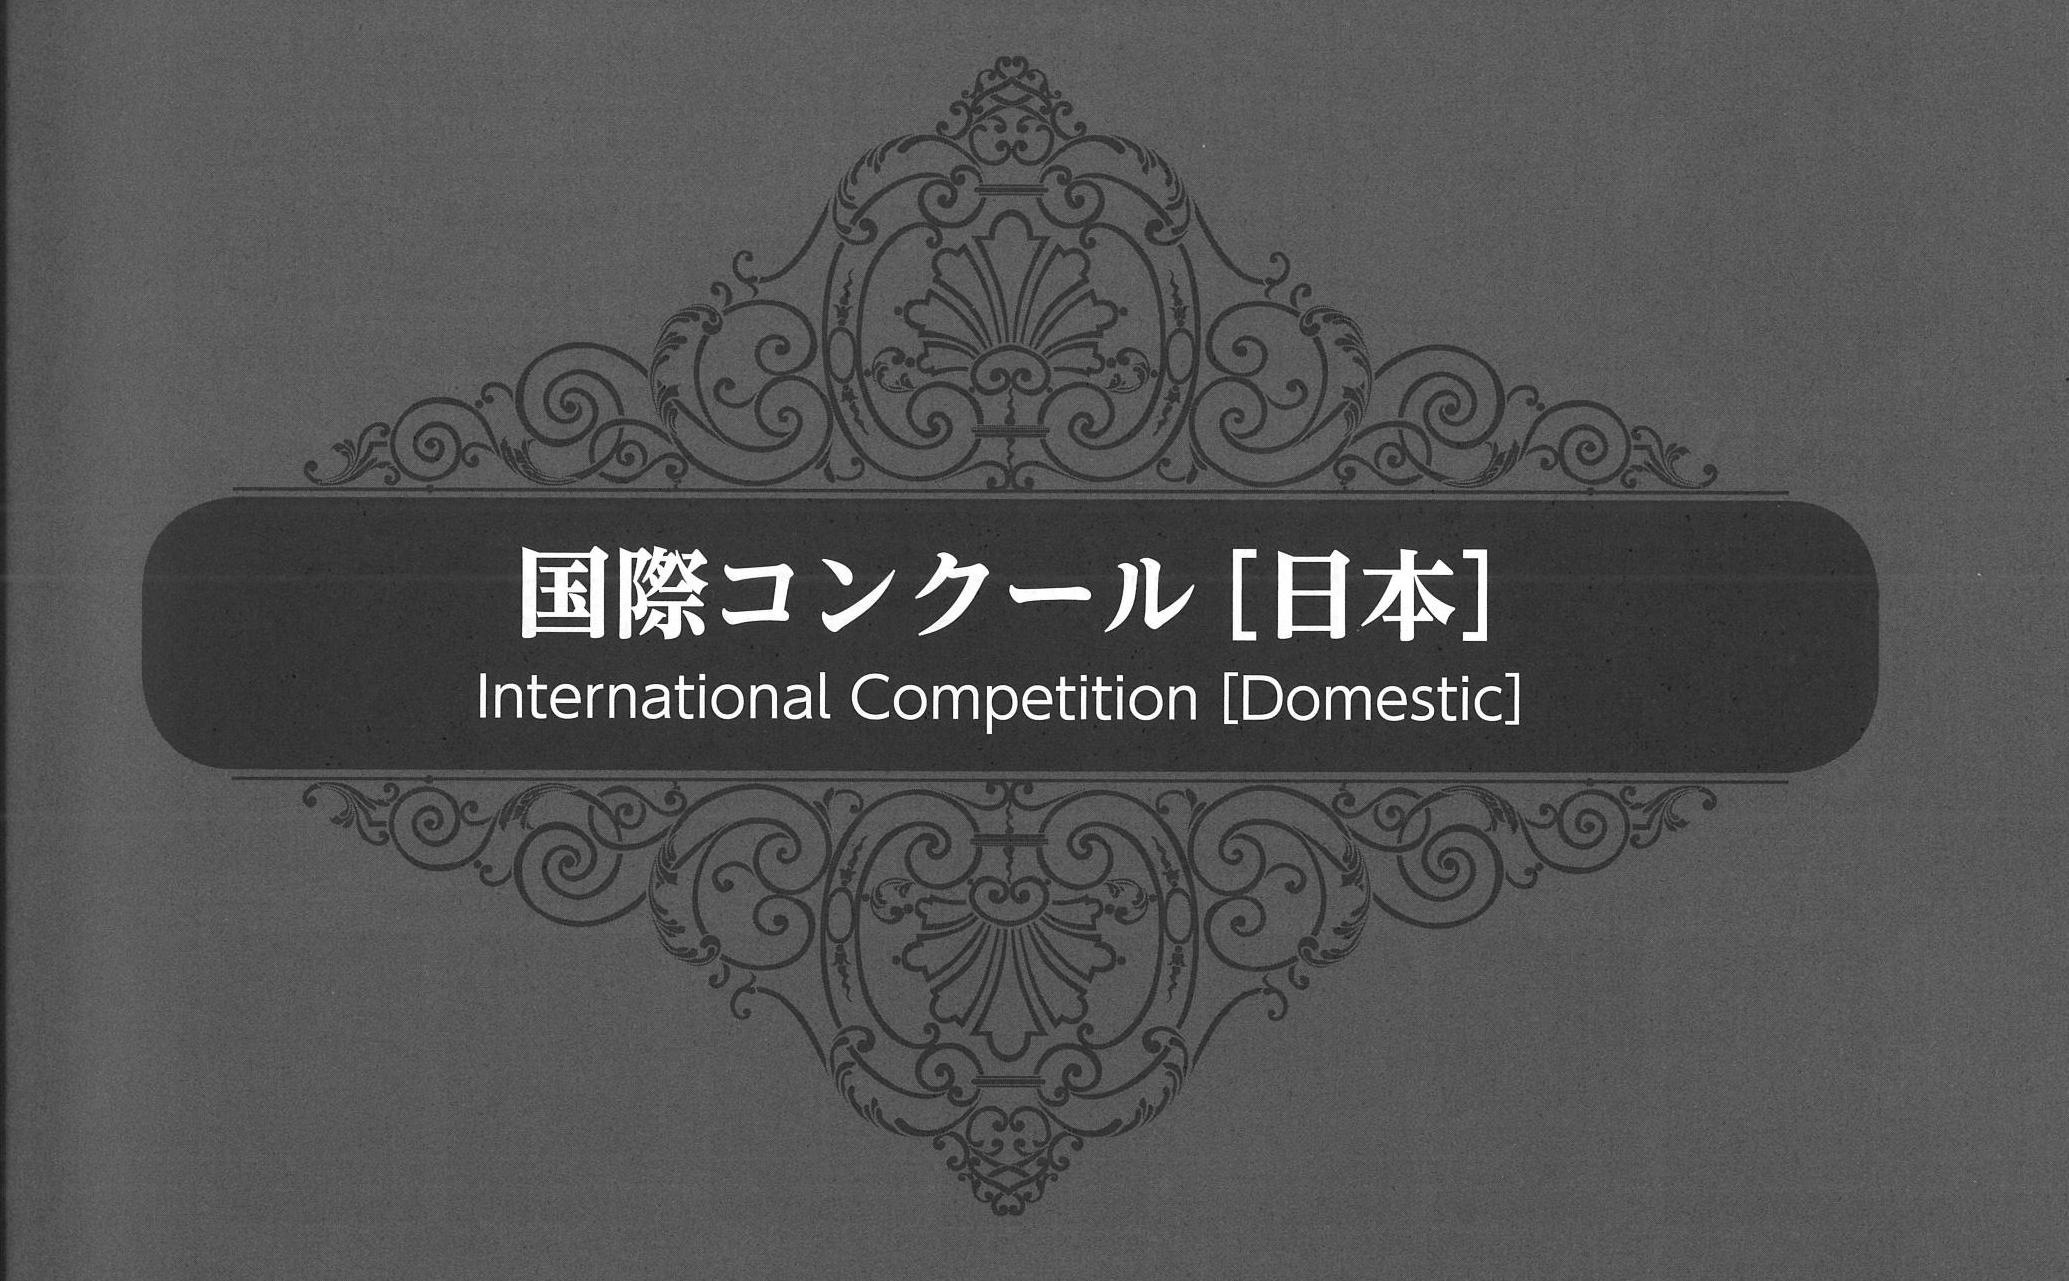 第 20 回ショパン国際ピアノコンクール in ASIA